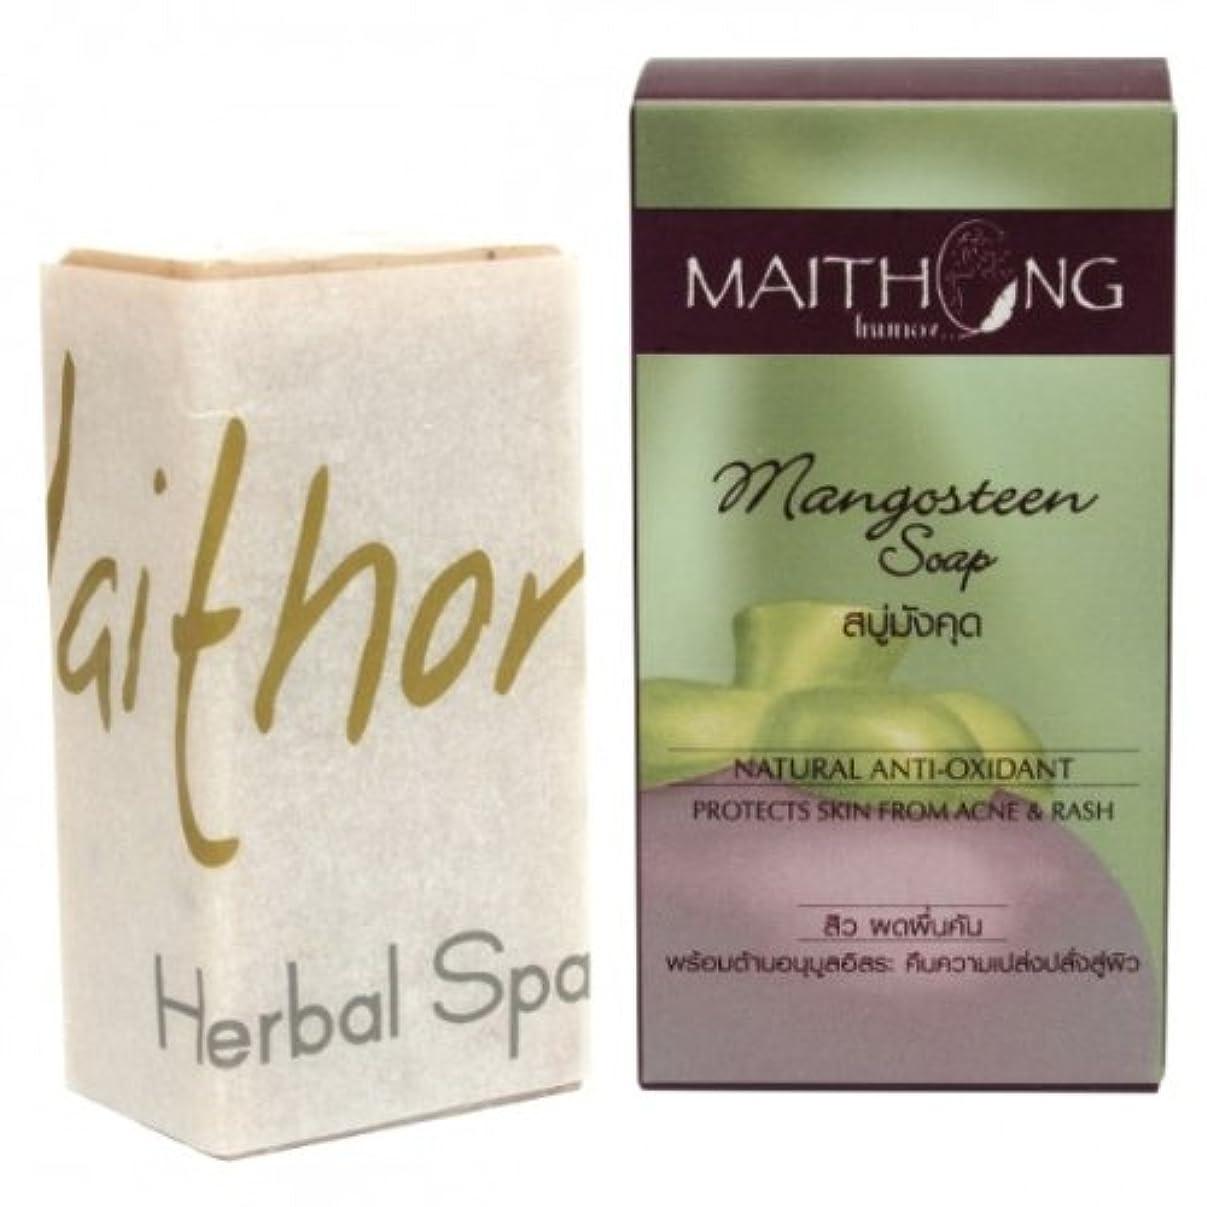 リブ感嘆符気質滑らかで芳醇な香りが広がる マンゴスチン石鹸 お得な3個セット 老舗スキンケアブランドMaithong 天然ハーブたっぷり配合 海外直送